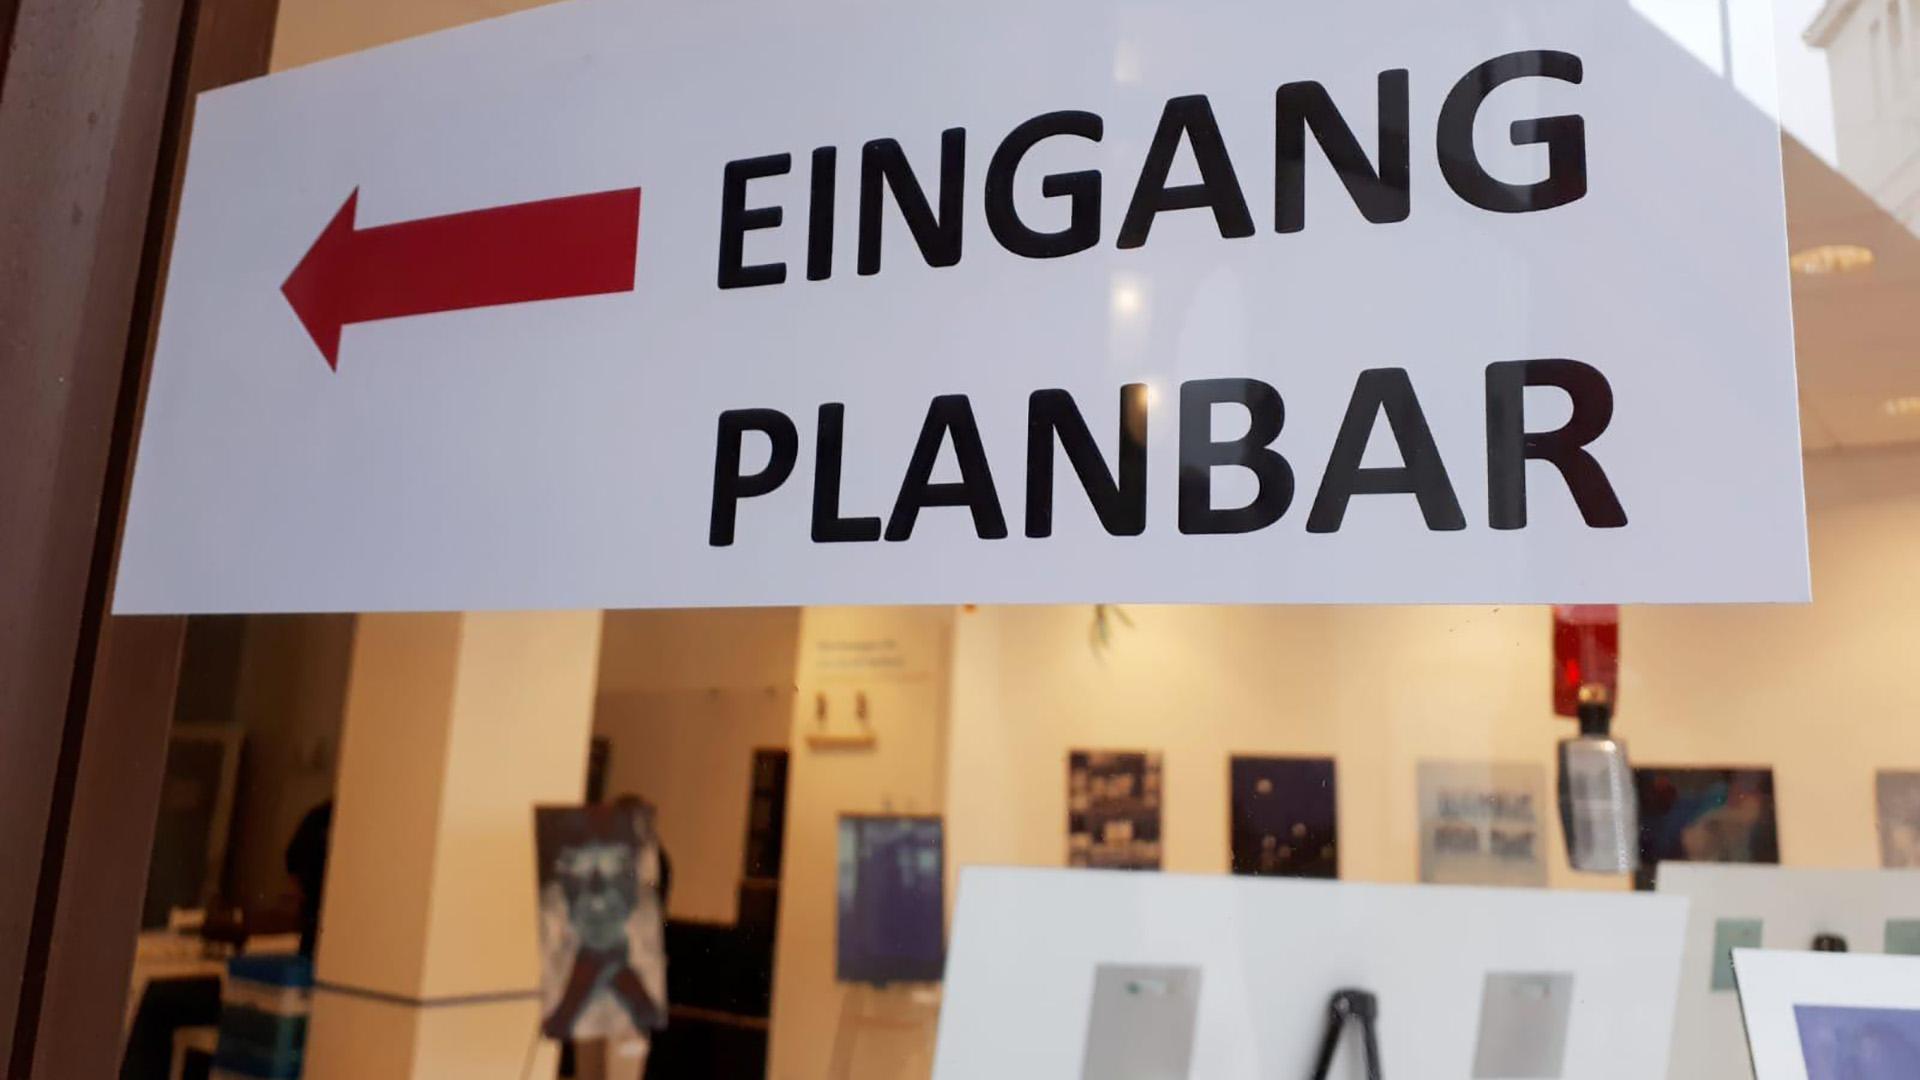 210828_planbar-BlaueStunden_02